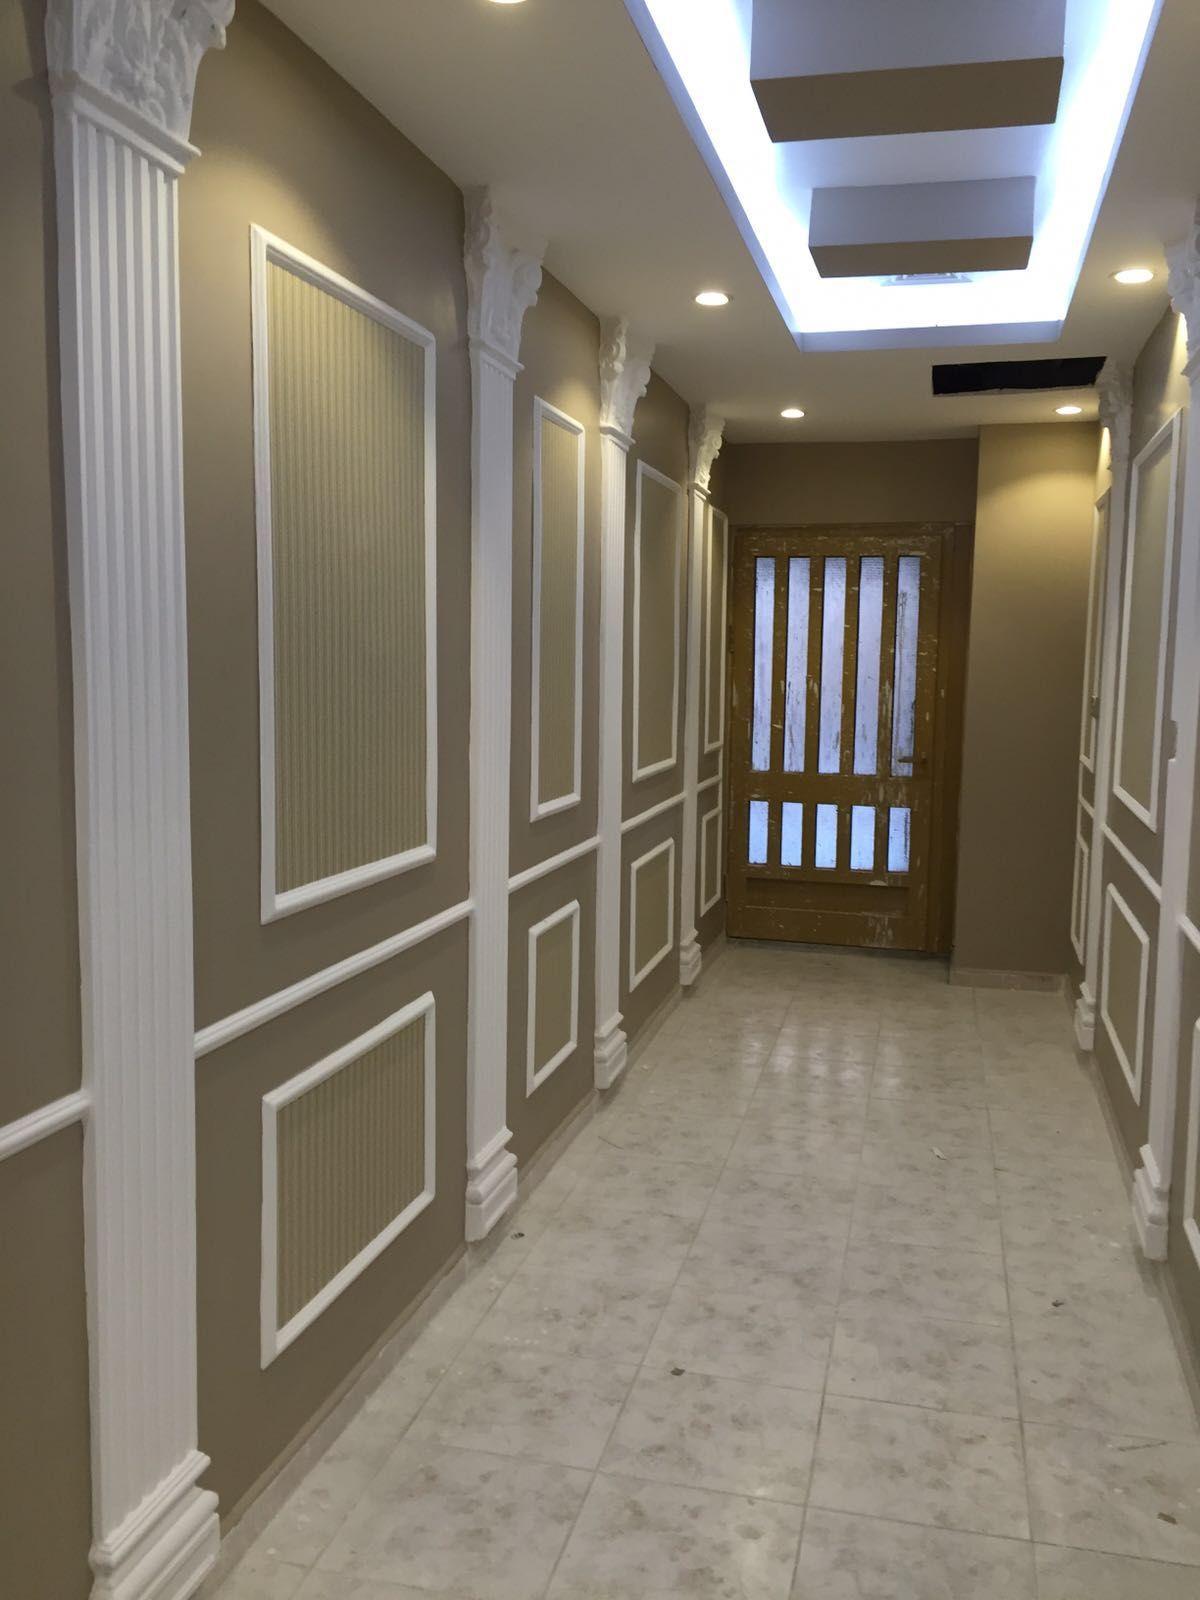 اصباغ الكويت 55050048 ورق جدران بالكويت جبس بورد بالكويت False Ceiling Outdoor Decor Home